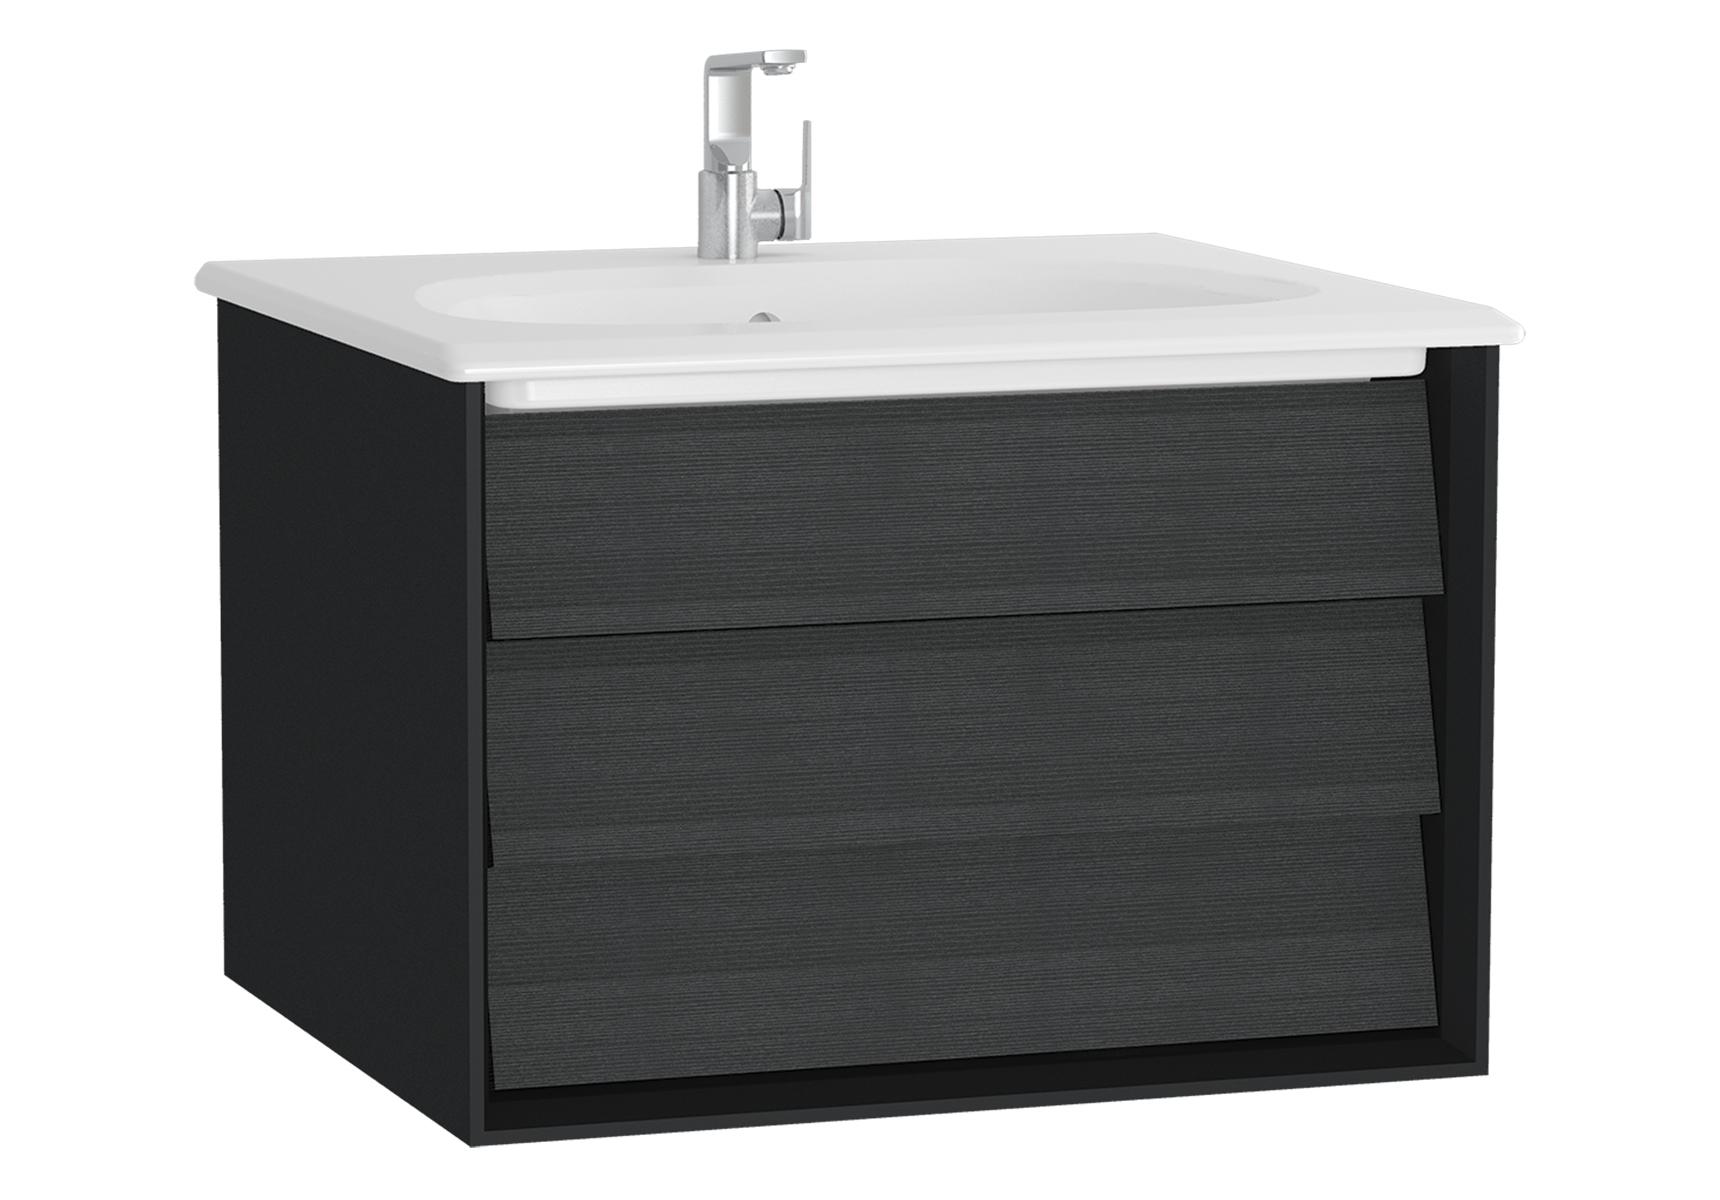 Frame meuble avec plan céramique, 62,5 cm, chêne noir, mat noir, avec blanc plan céramique